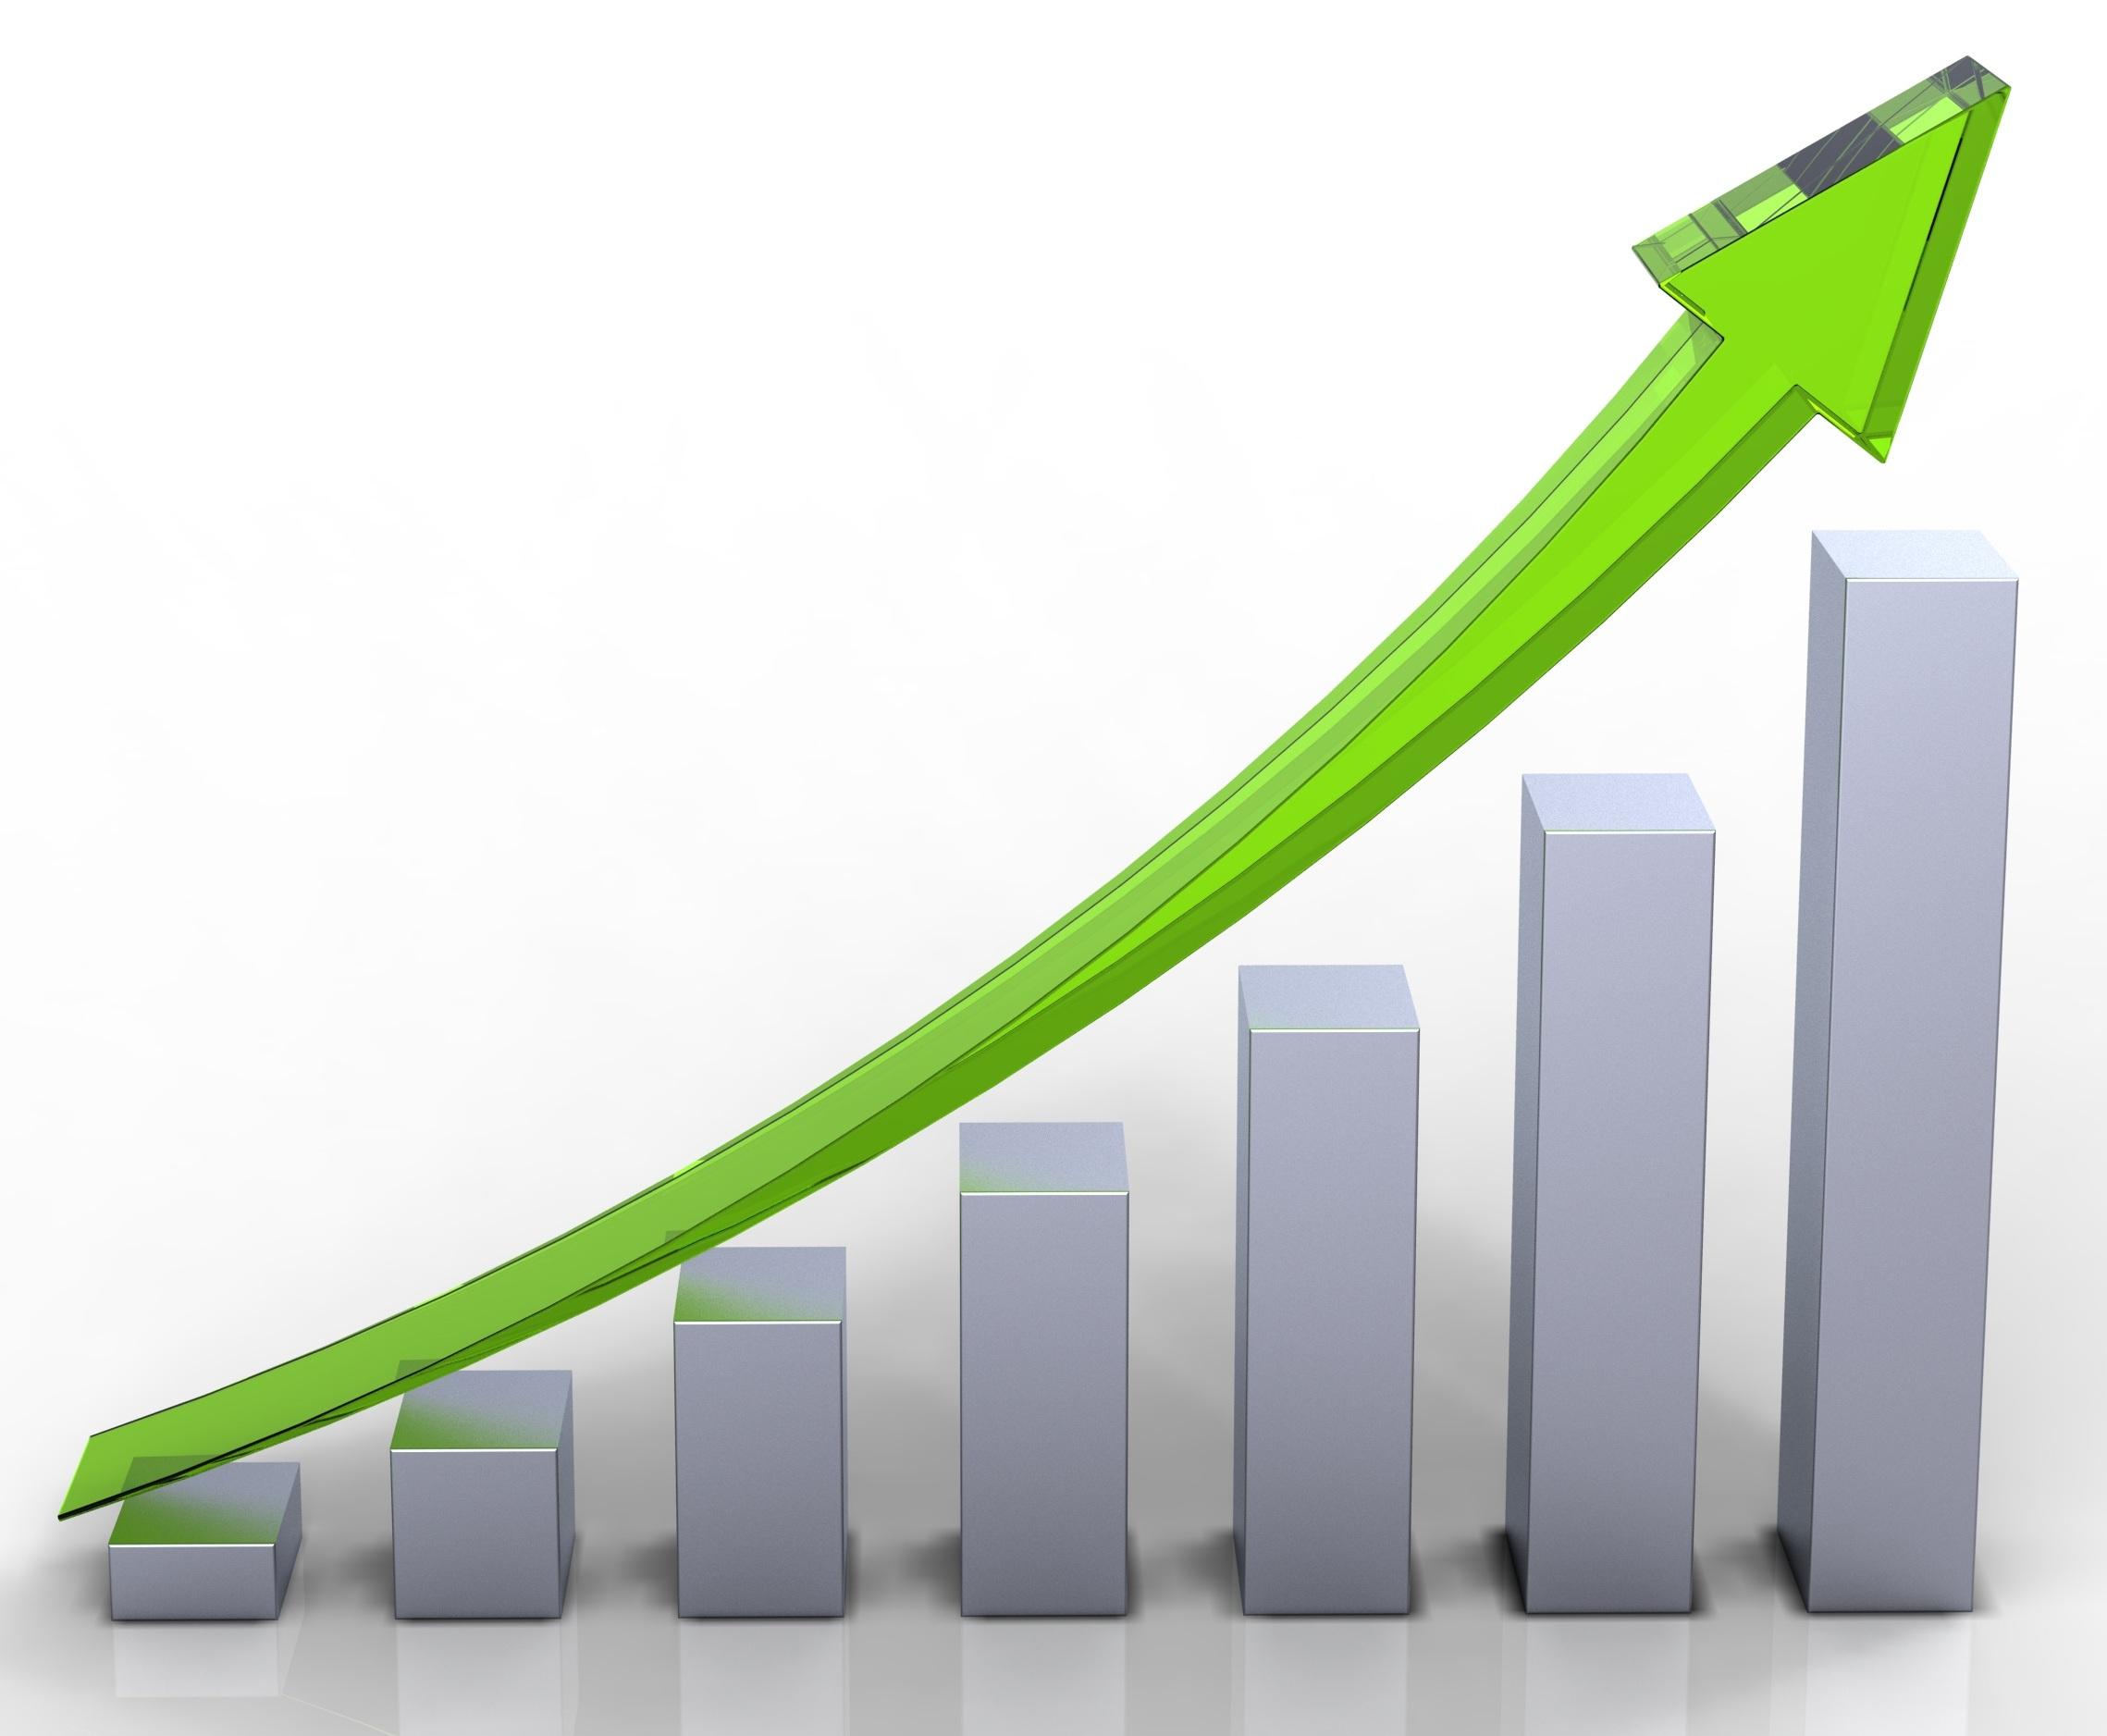 २०२० मा फिलिपिन्सको जीवन बीमा व्यवसाय वृद्धि हुँदा निर्जीवन बीमा व्यवसाय भने घट्यो